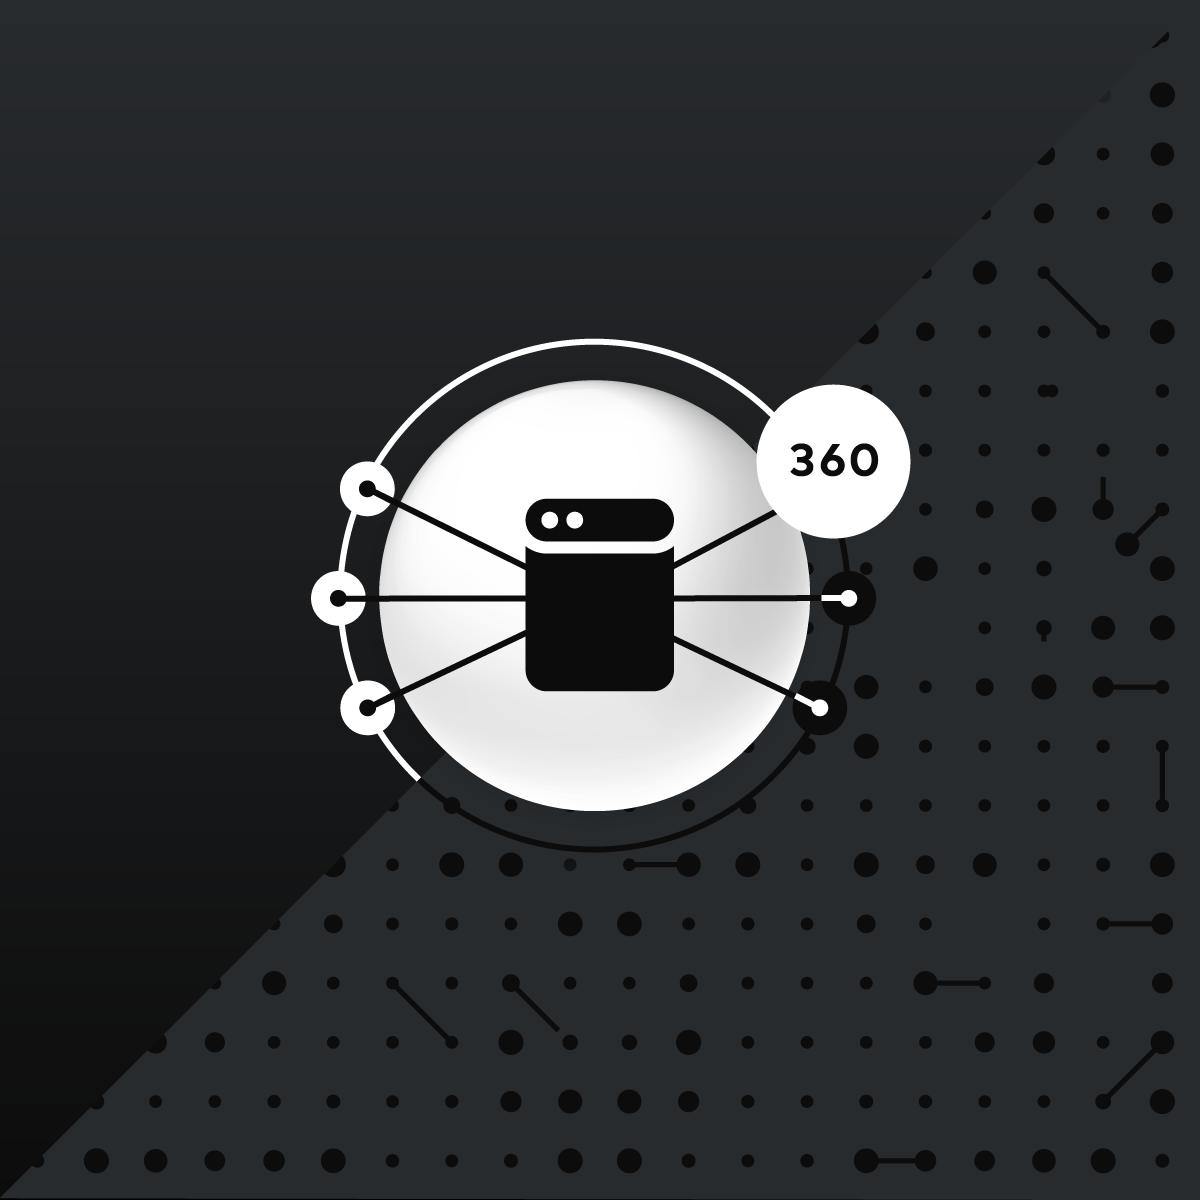 Image of Customer 360 usecase hero